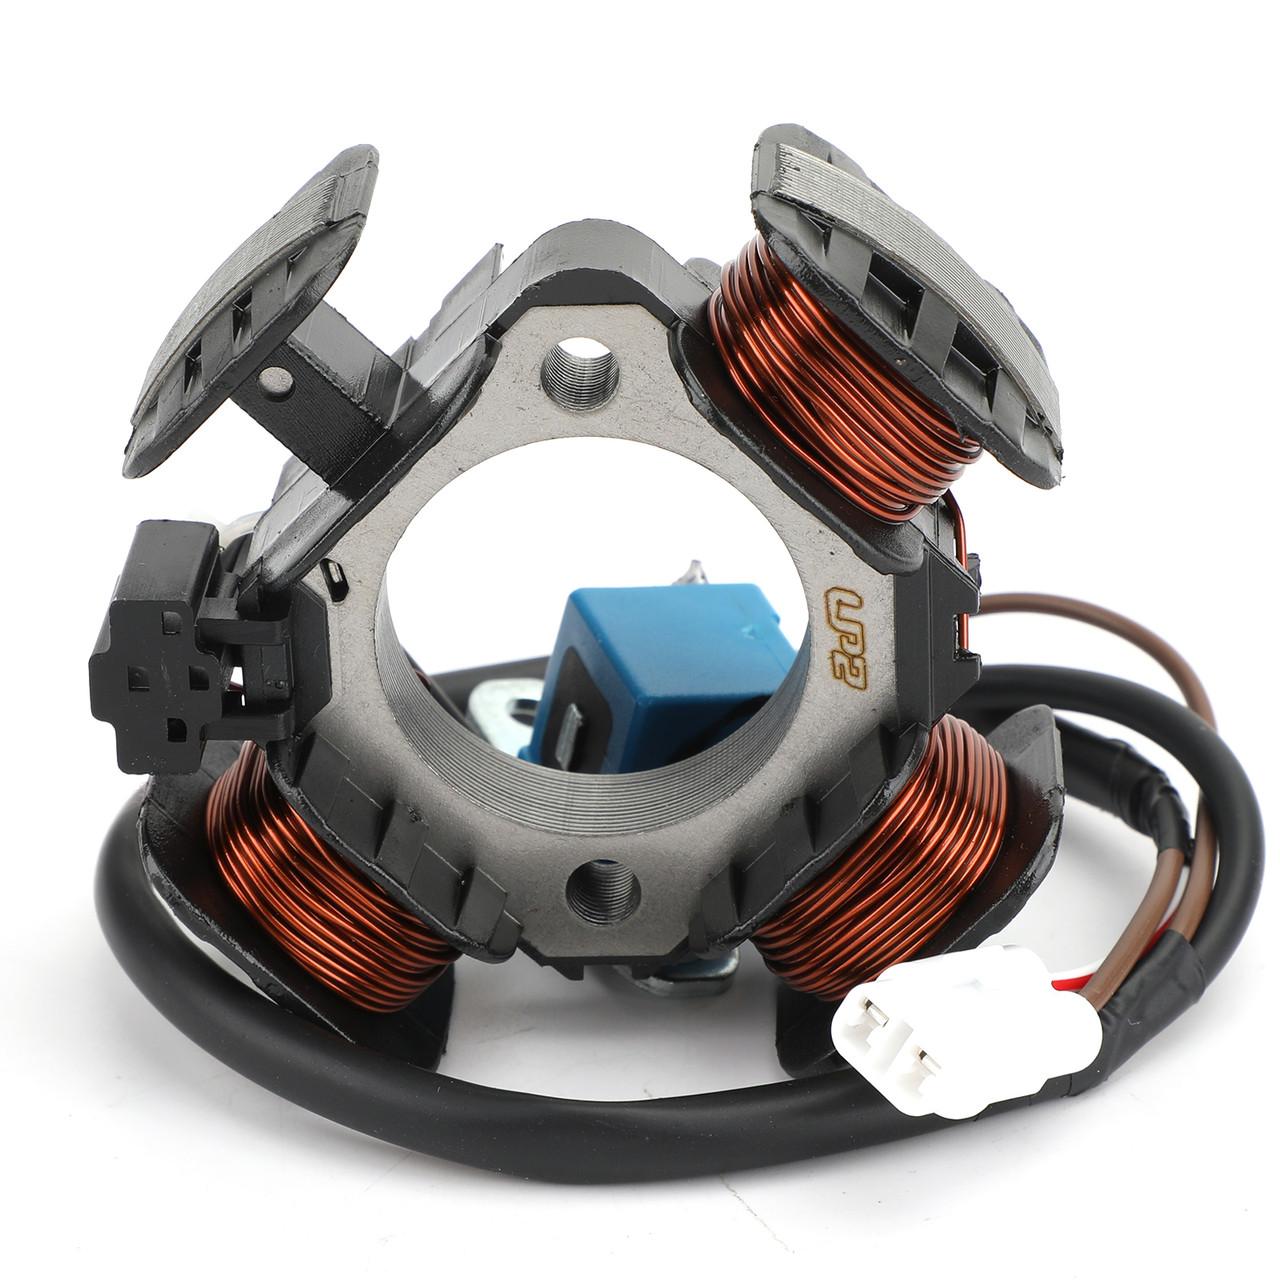 Voltage regulator For Suzuki LTZ 50 Quadsport  Z 50 2006-2010 2014 2017 2018